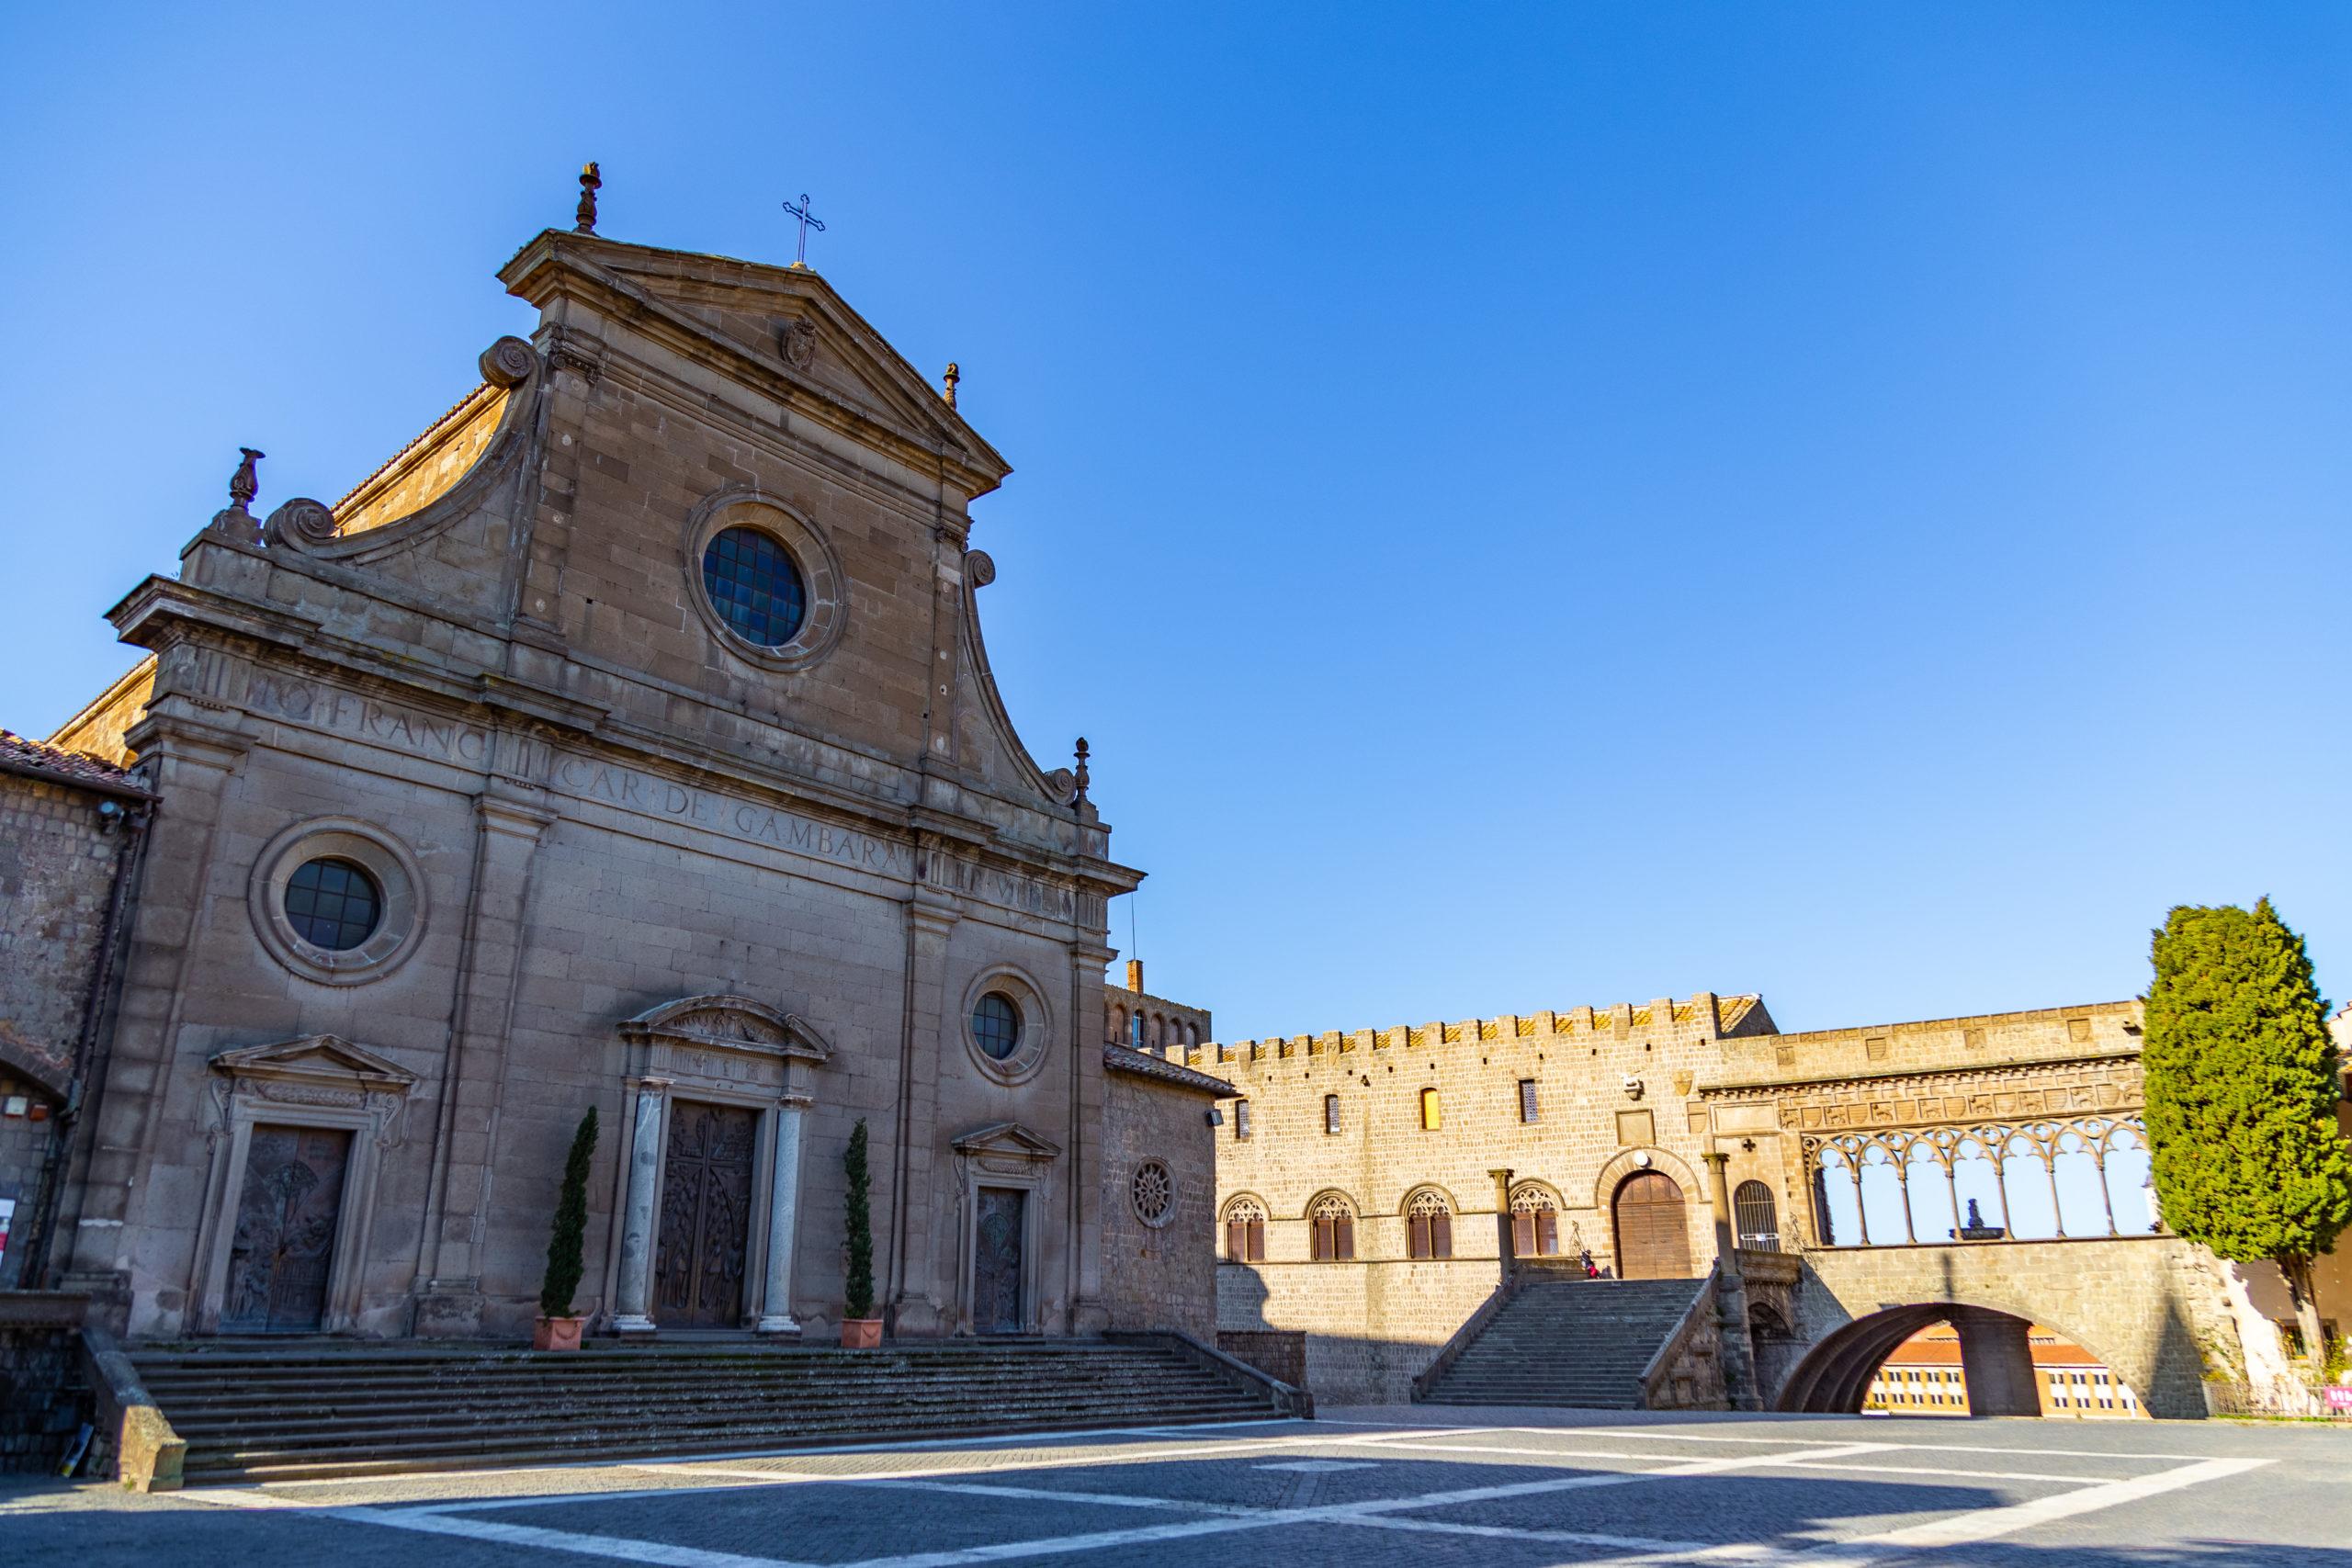 Viterbo, la nota:  Piazza San Lorenzo, un simbolo, una identità da tutelare: un luogo da ridisegnare totalmente per il turismo internazionale